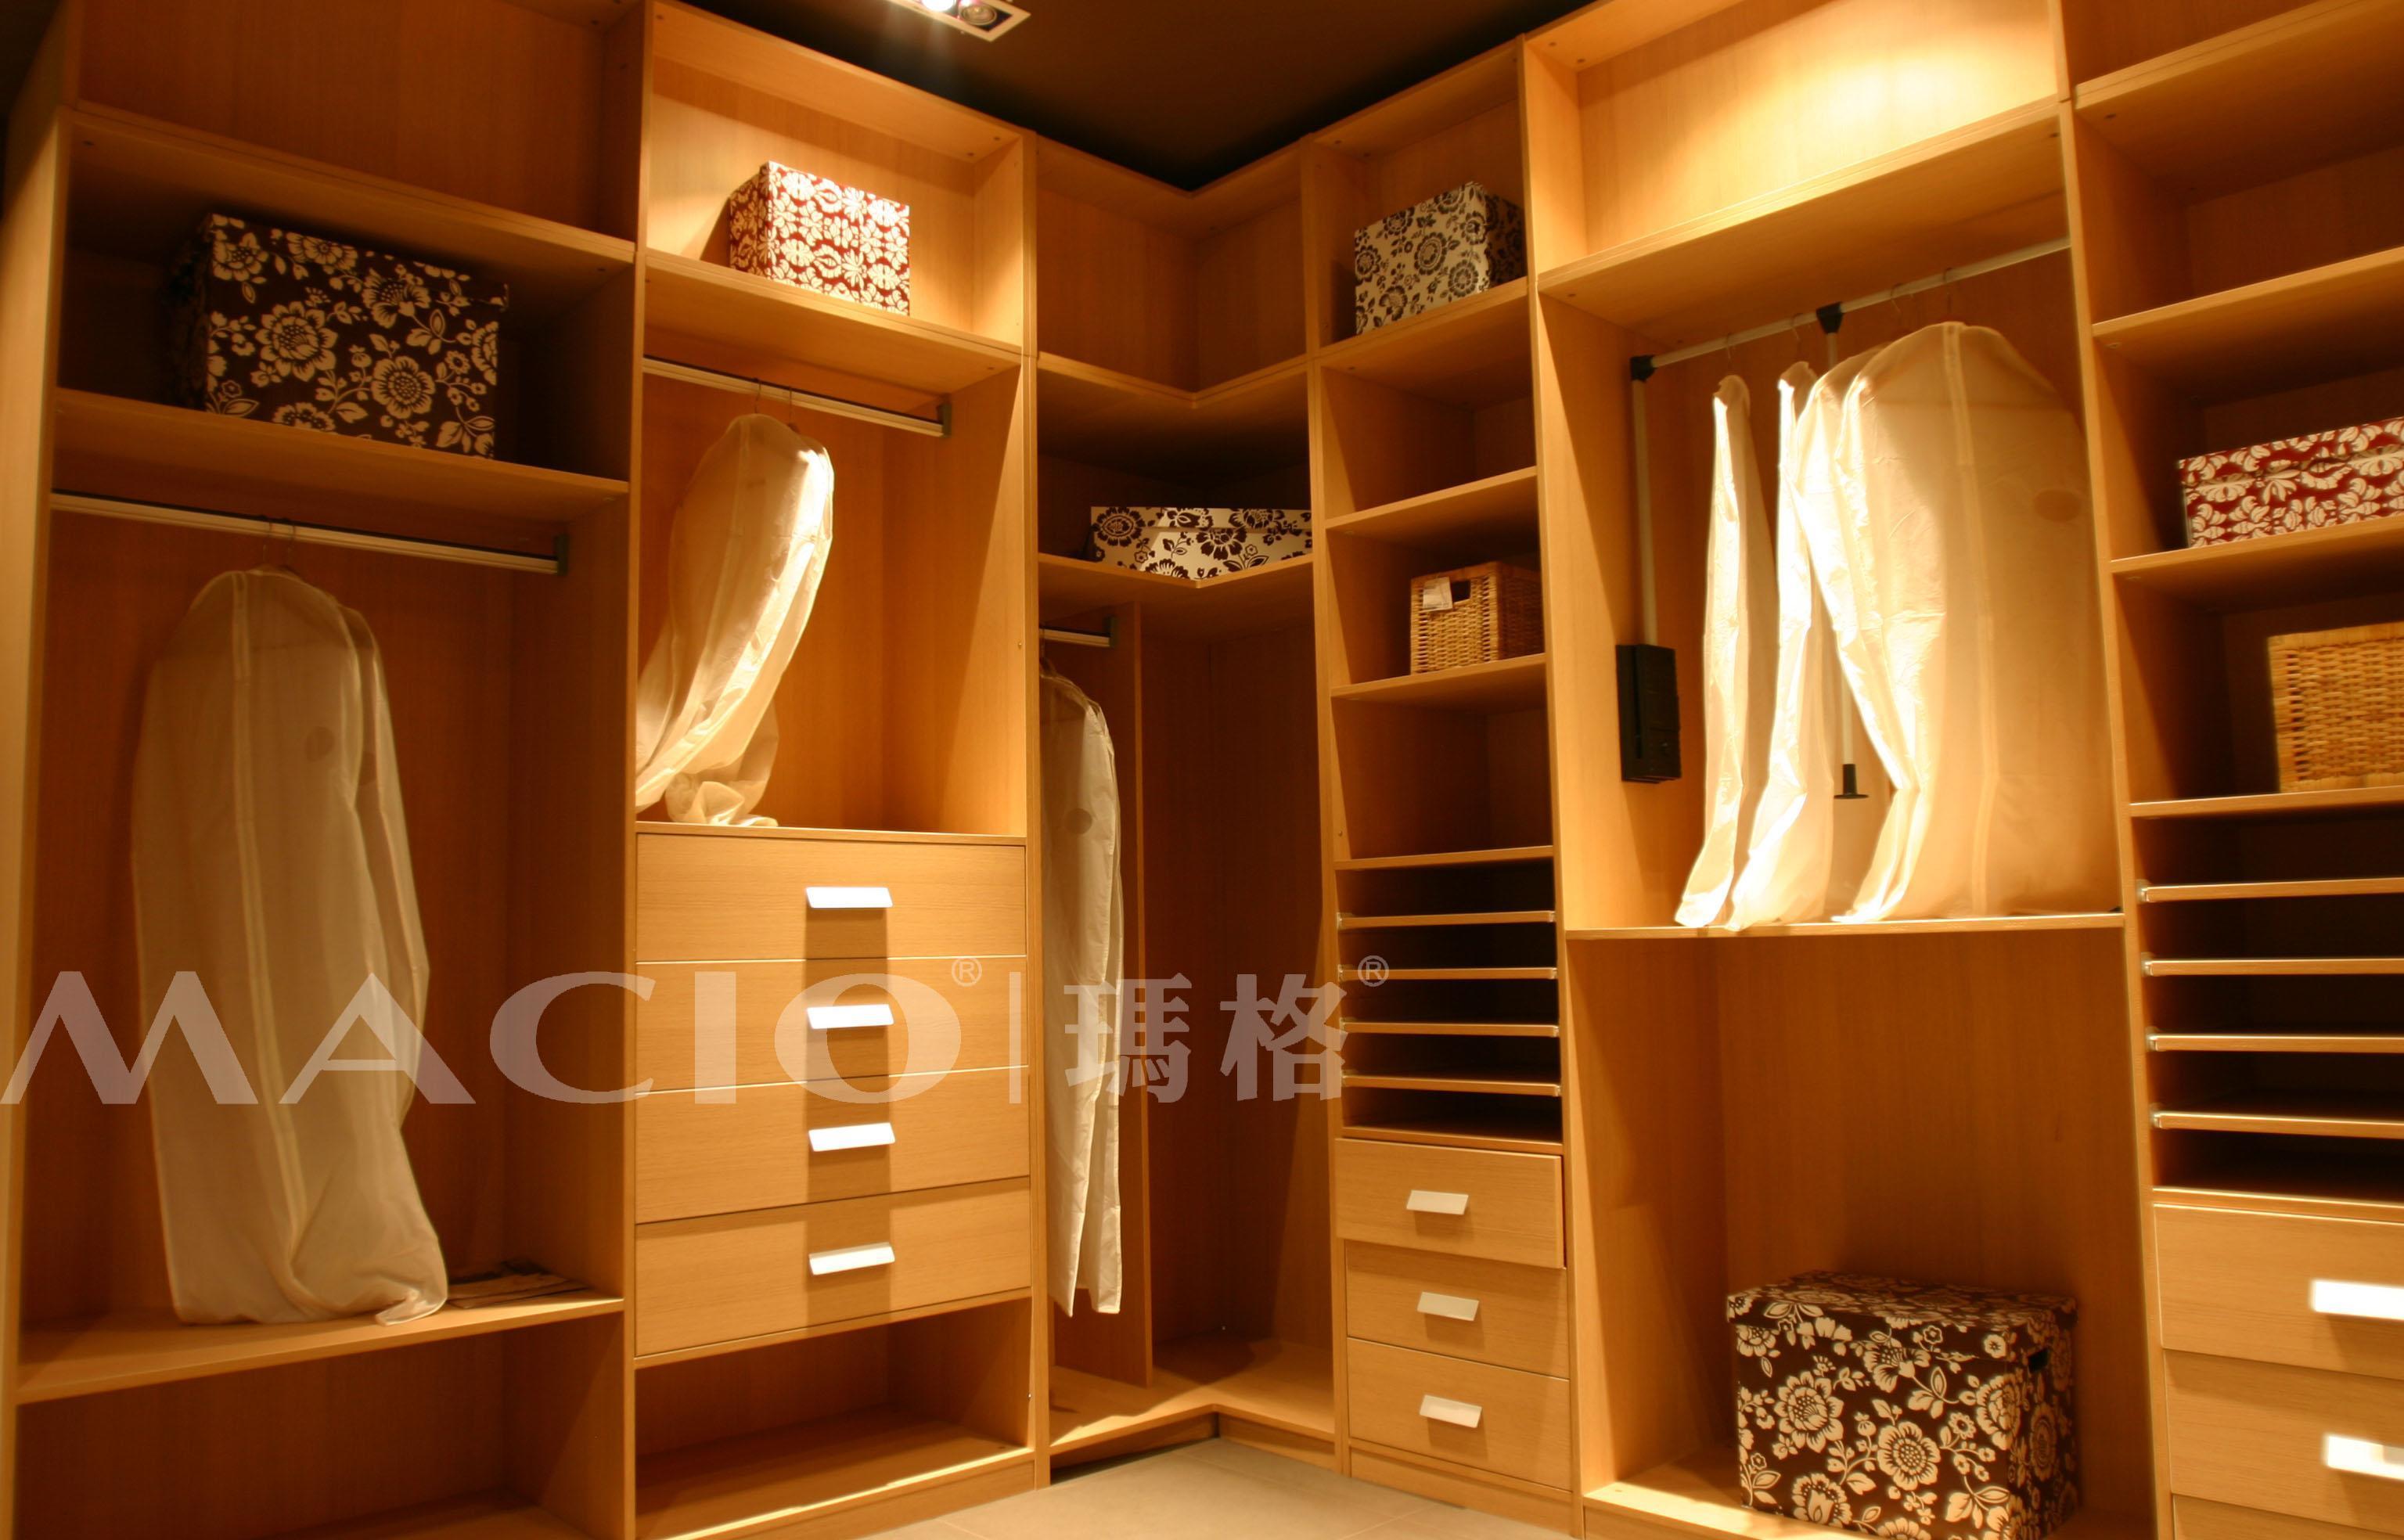 定制家具板式衣帽间  玛格家居创立于2004年,集定制家具的专业设计图片